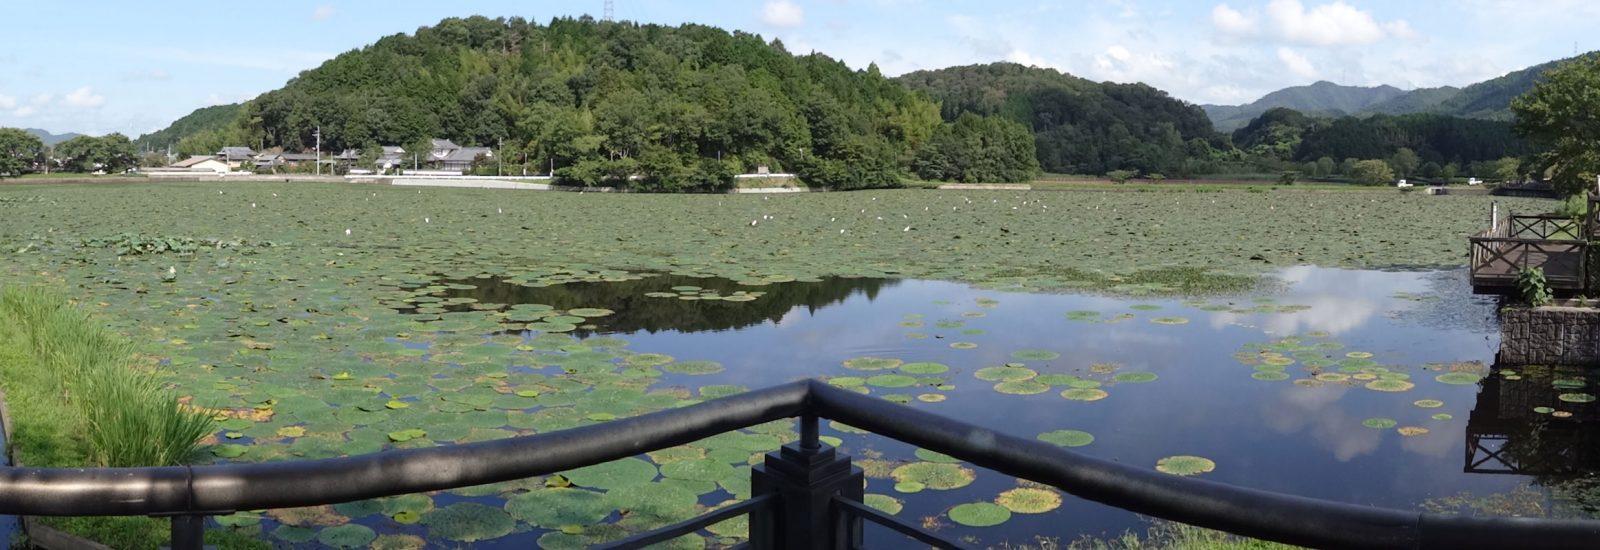 平の沢池のパノラマ写真。広大な湖面が巨大なオニバスの葉で覆われます。